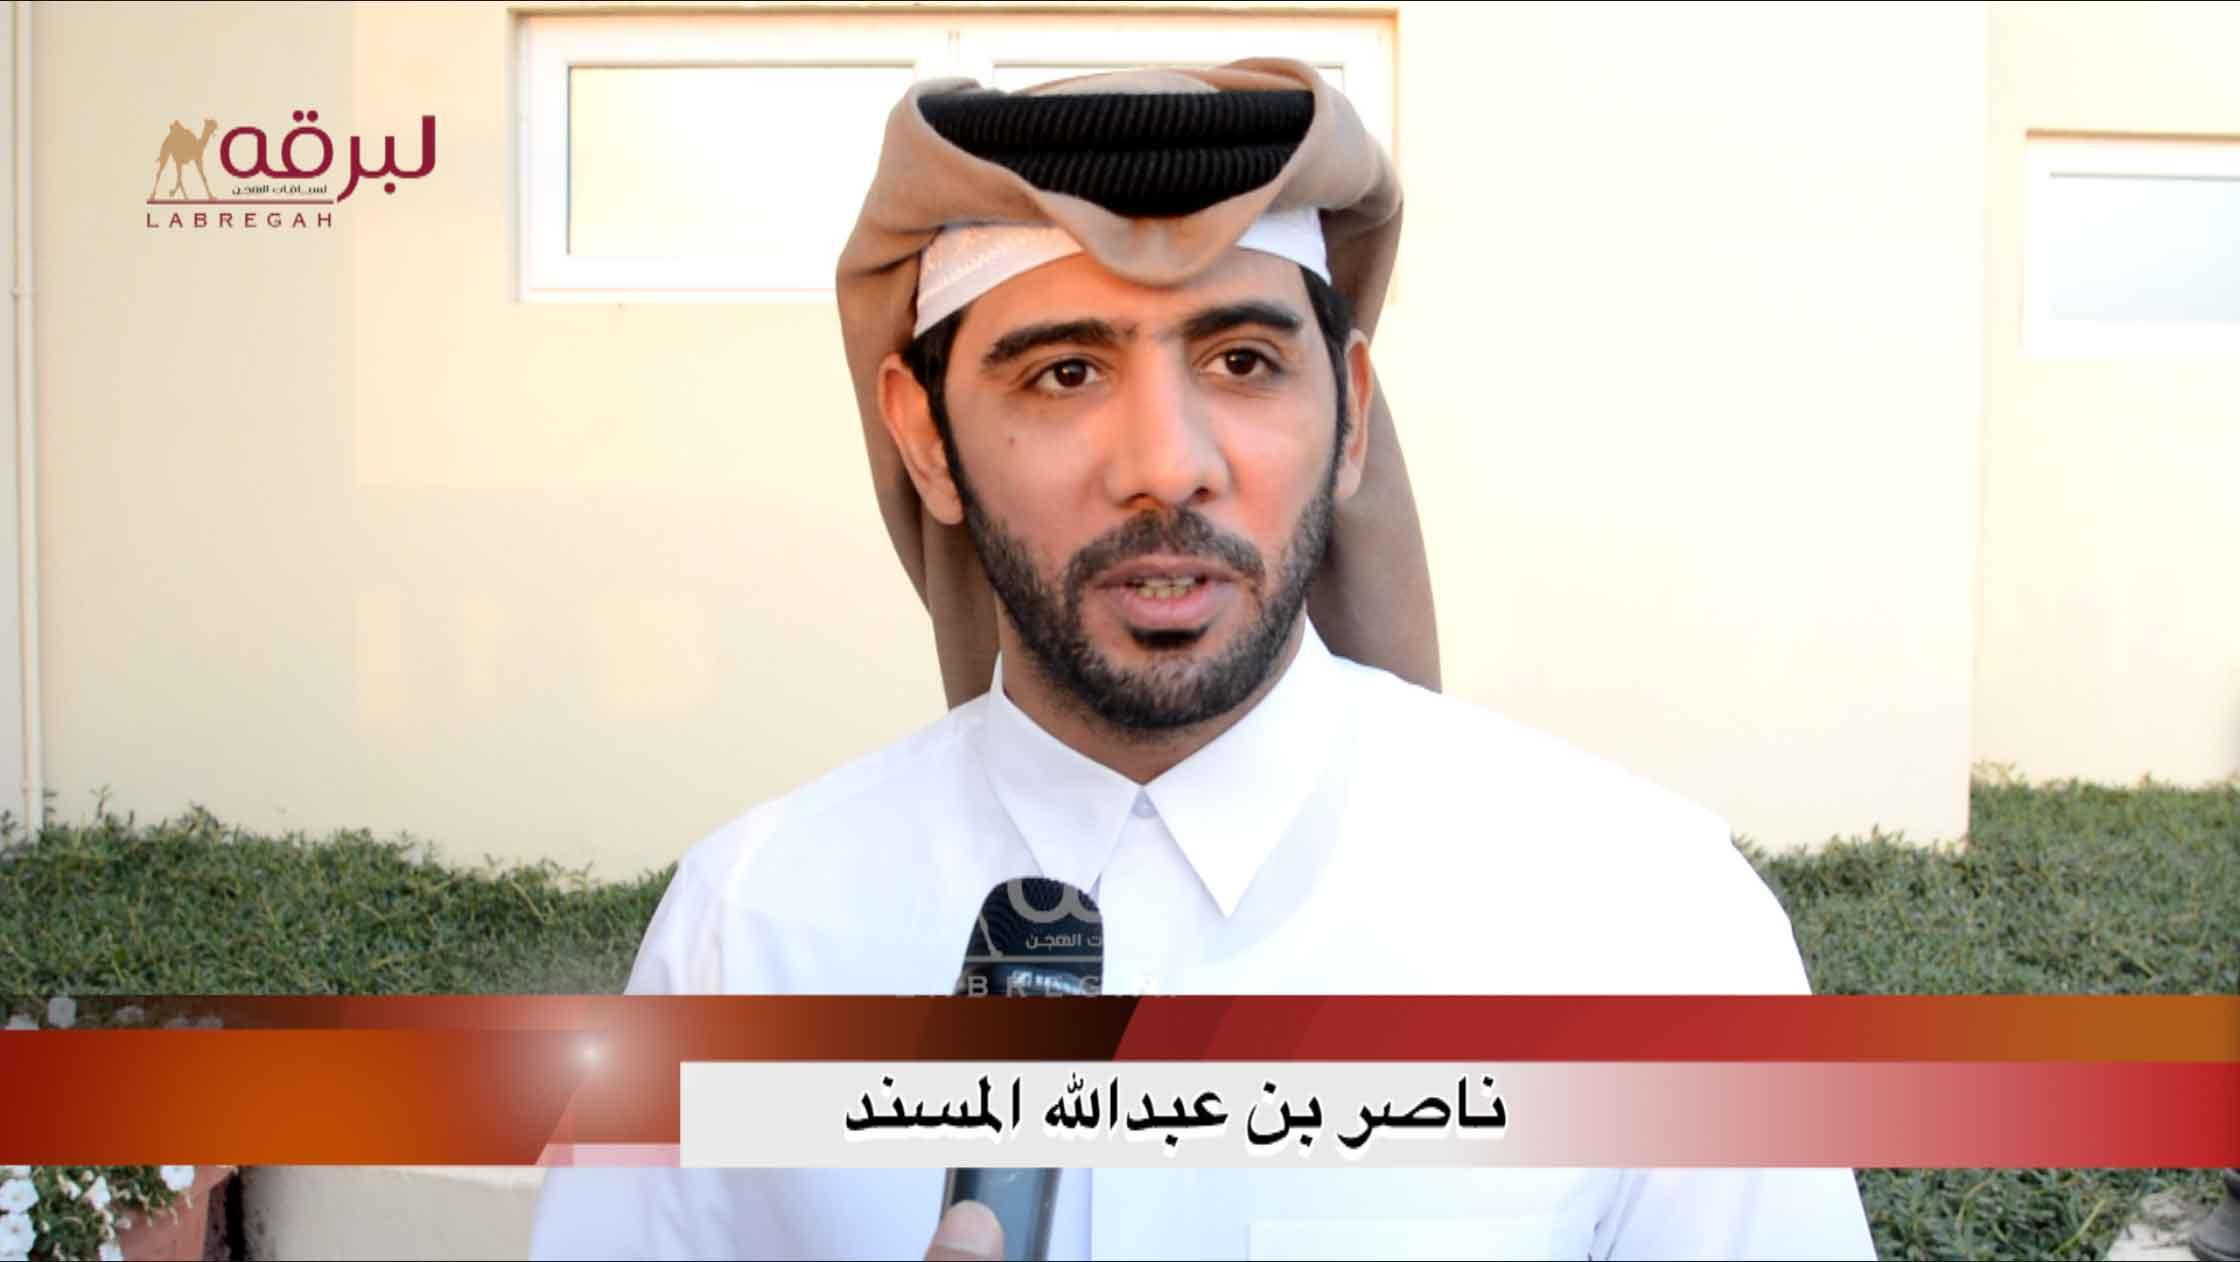 لقاء مع ناصر بن عبدالله المسند.. الفائز بالسيف الذهبي للحيل مفتوح الأشواط العامة  ٩-١٢-٢٠٢٠